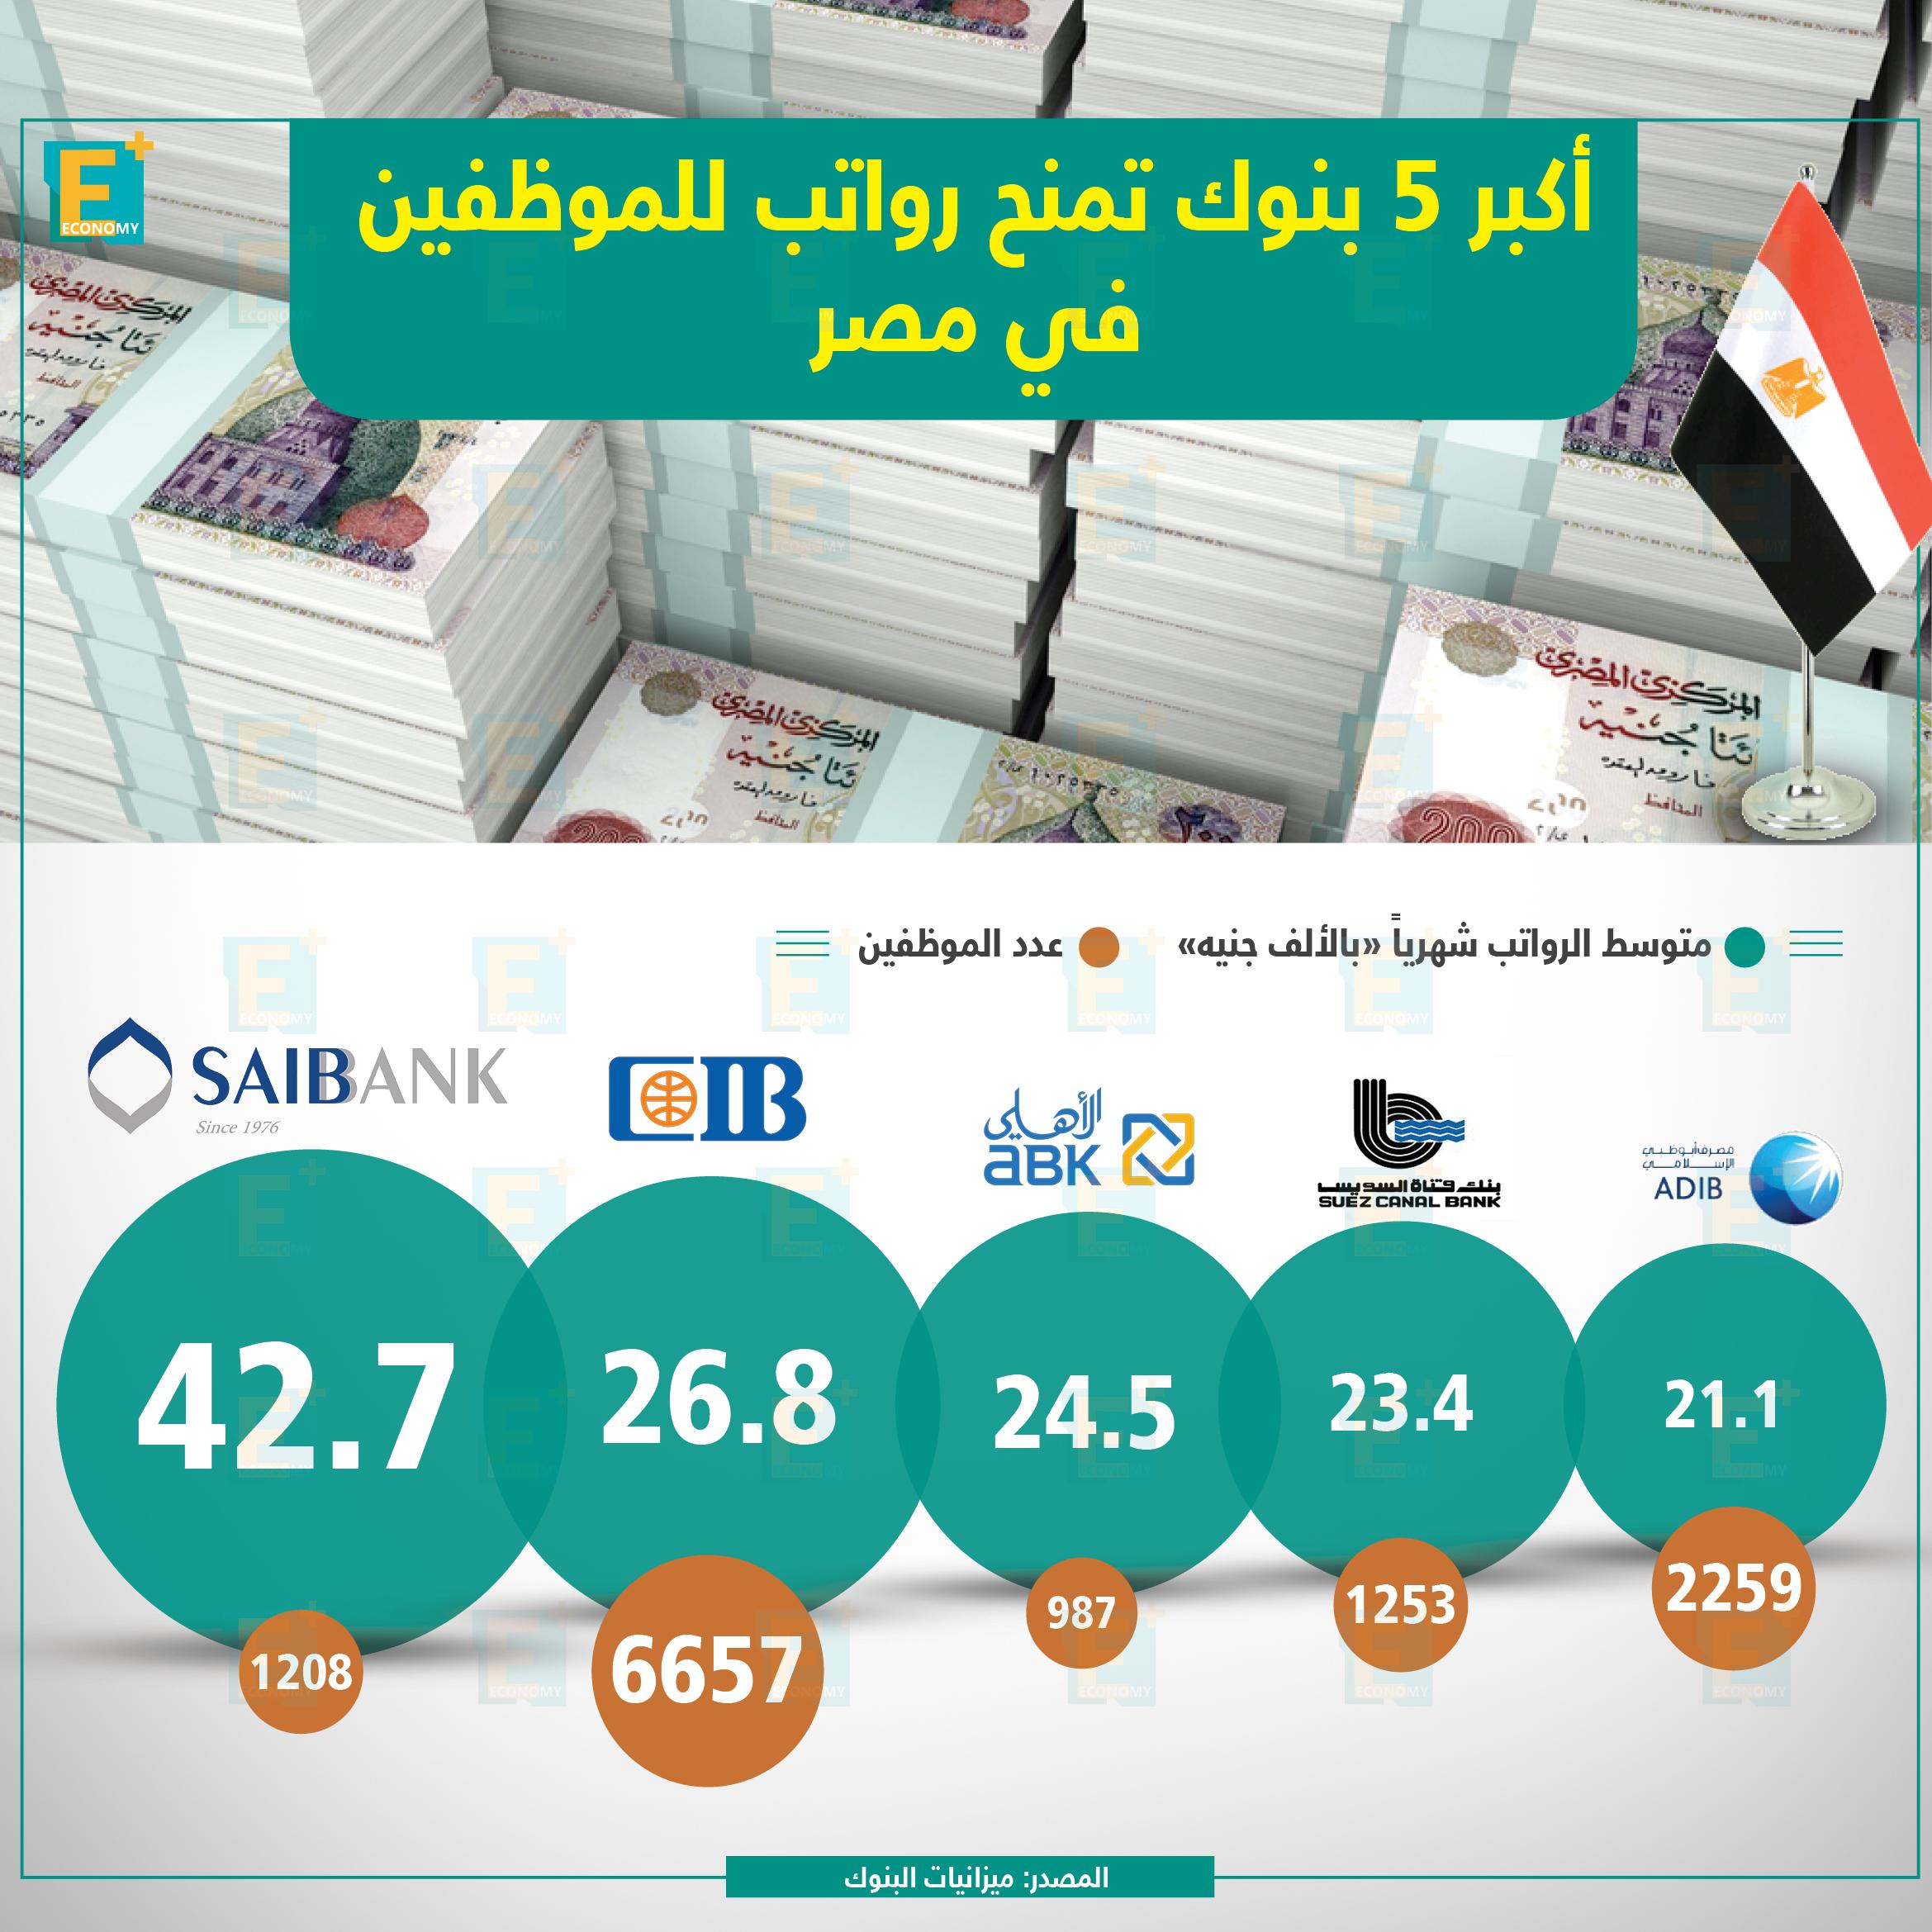 أكبر 5بنوكتمنحرواتبللموظفين فيمصر